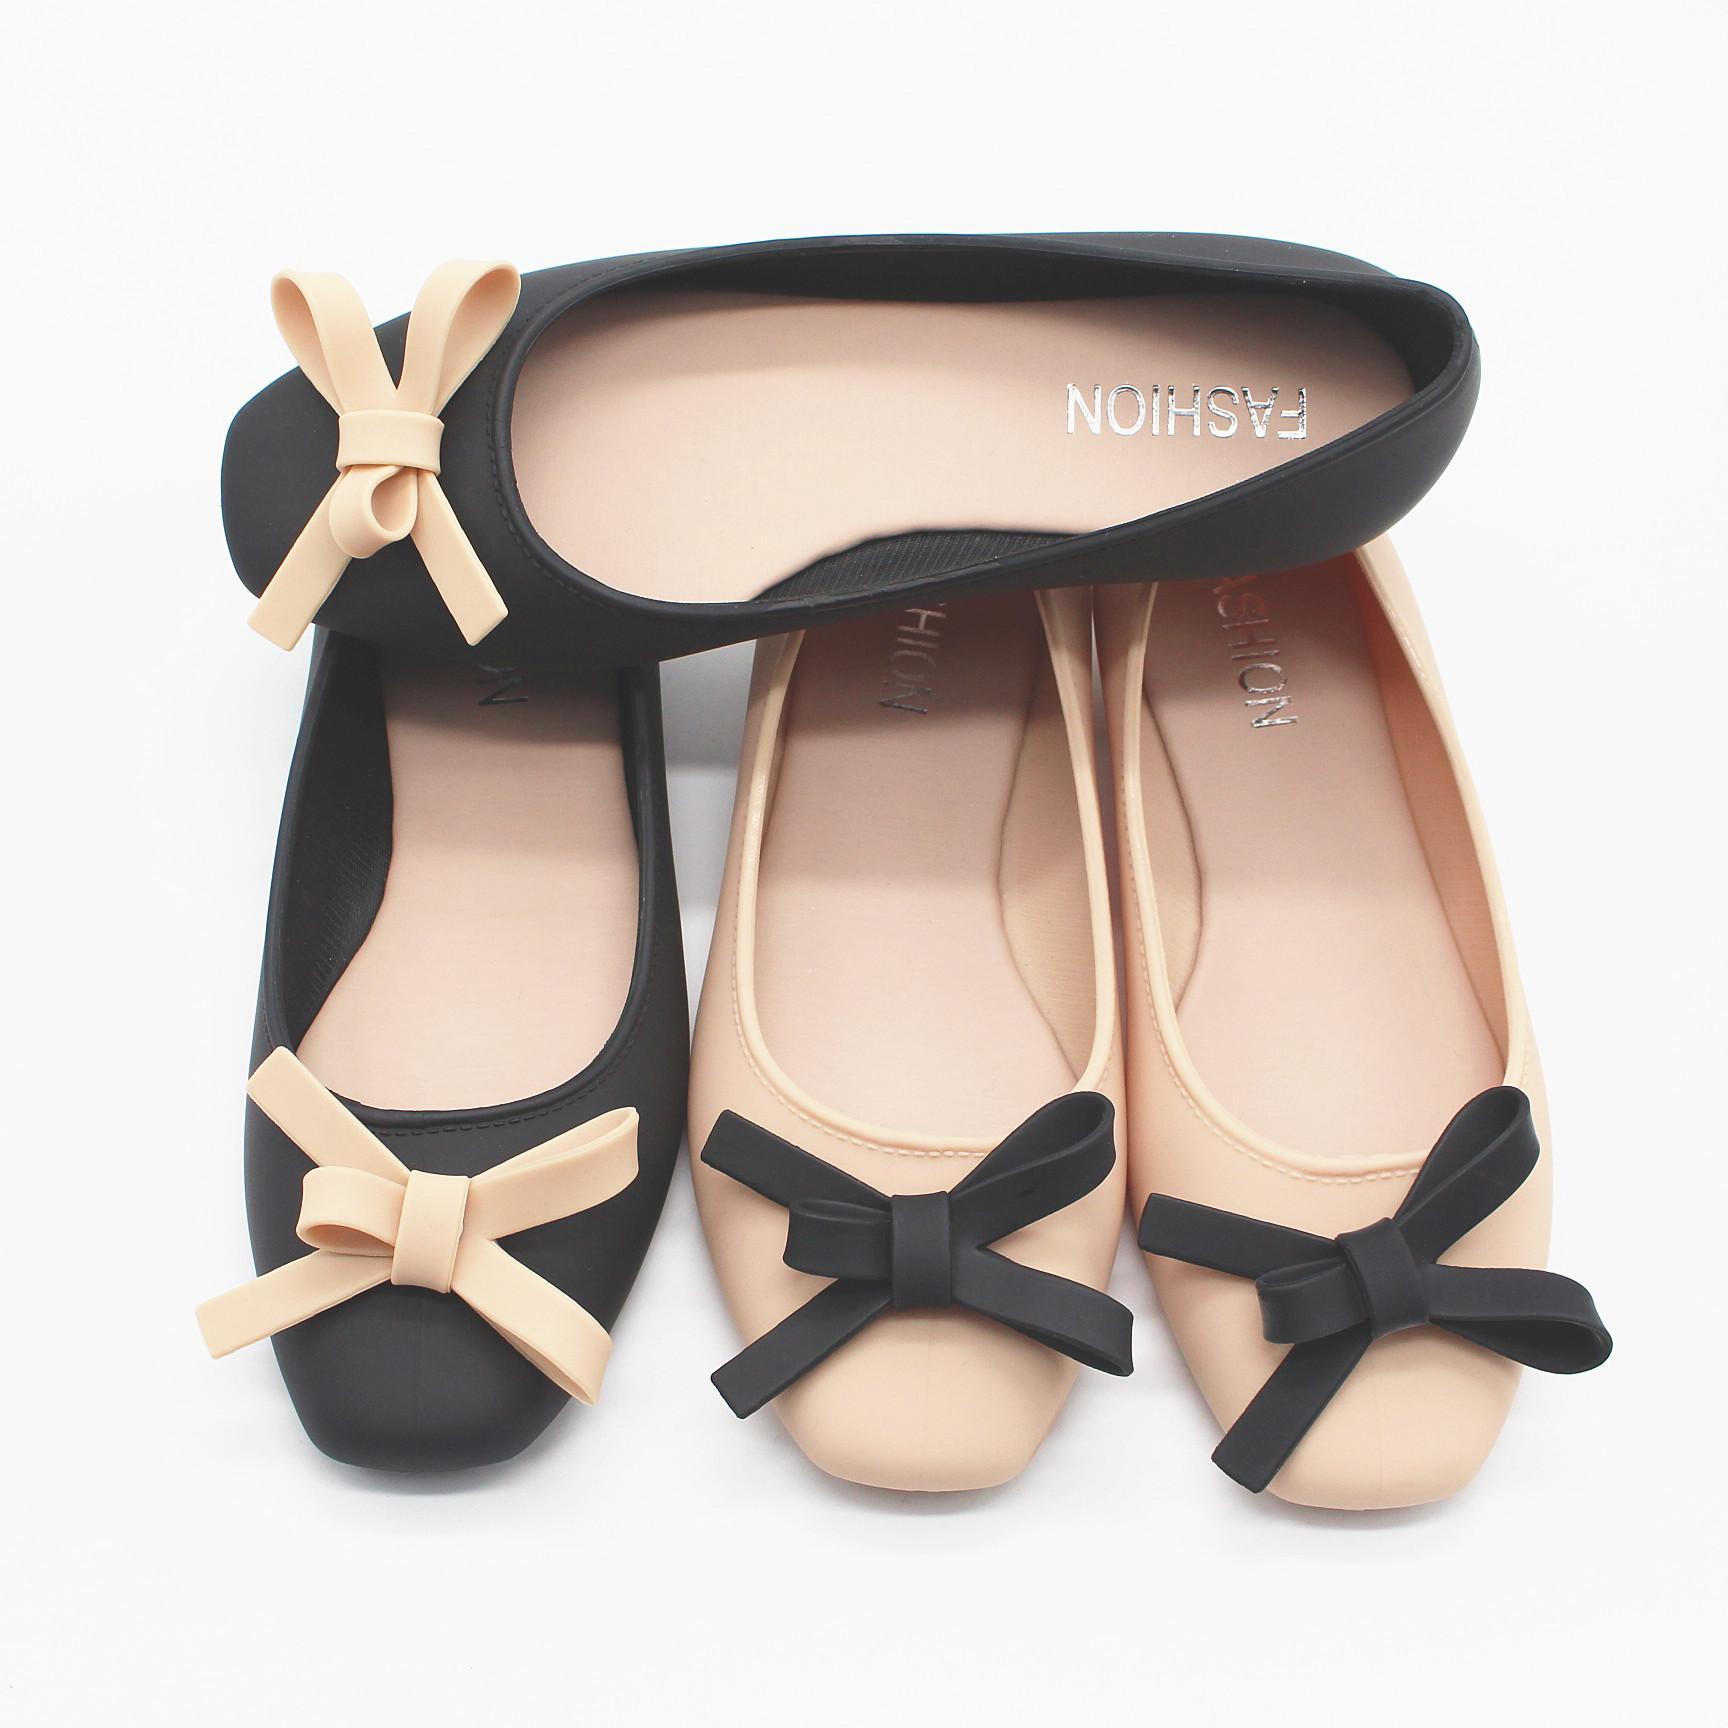 Hot vente-nouveau printemps et automne dans la bouche peu profonde de faible all-match chaussures imperméables mode jelly chaussures loisirs ladies sandales en plastique